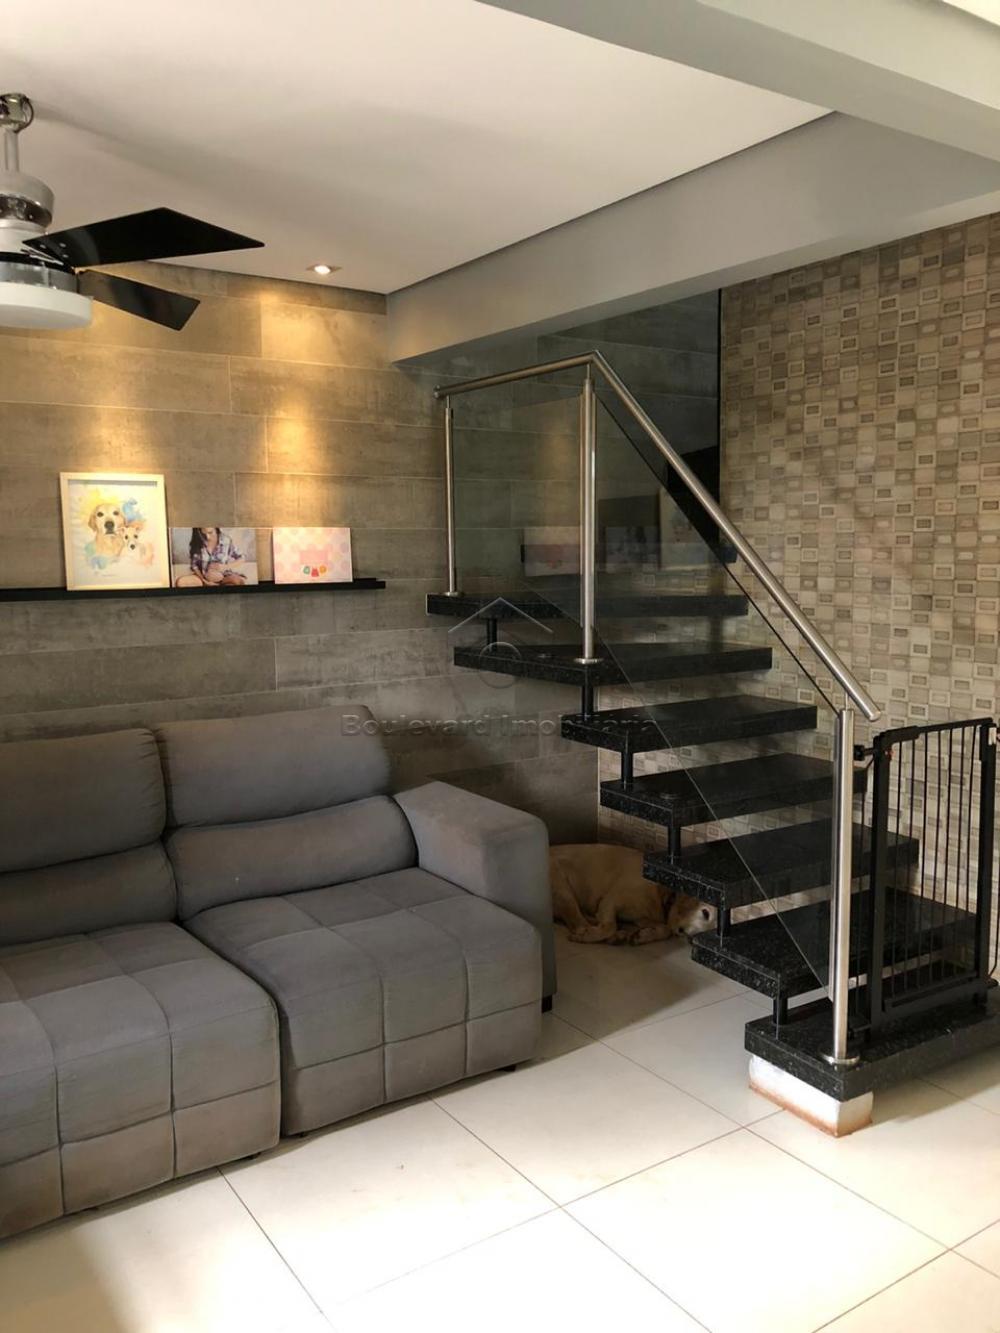 Comprar Casa / Condomínio em Ribeirão Preto apenas R$ 450.000,00 - Foto 4